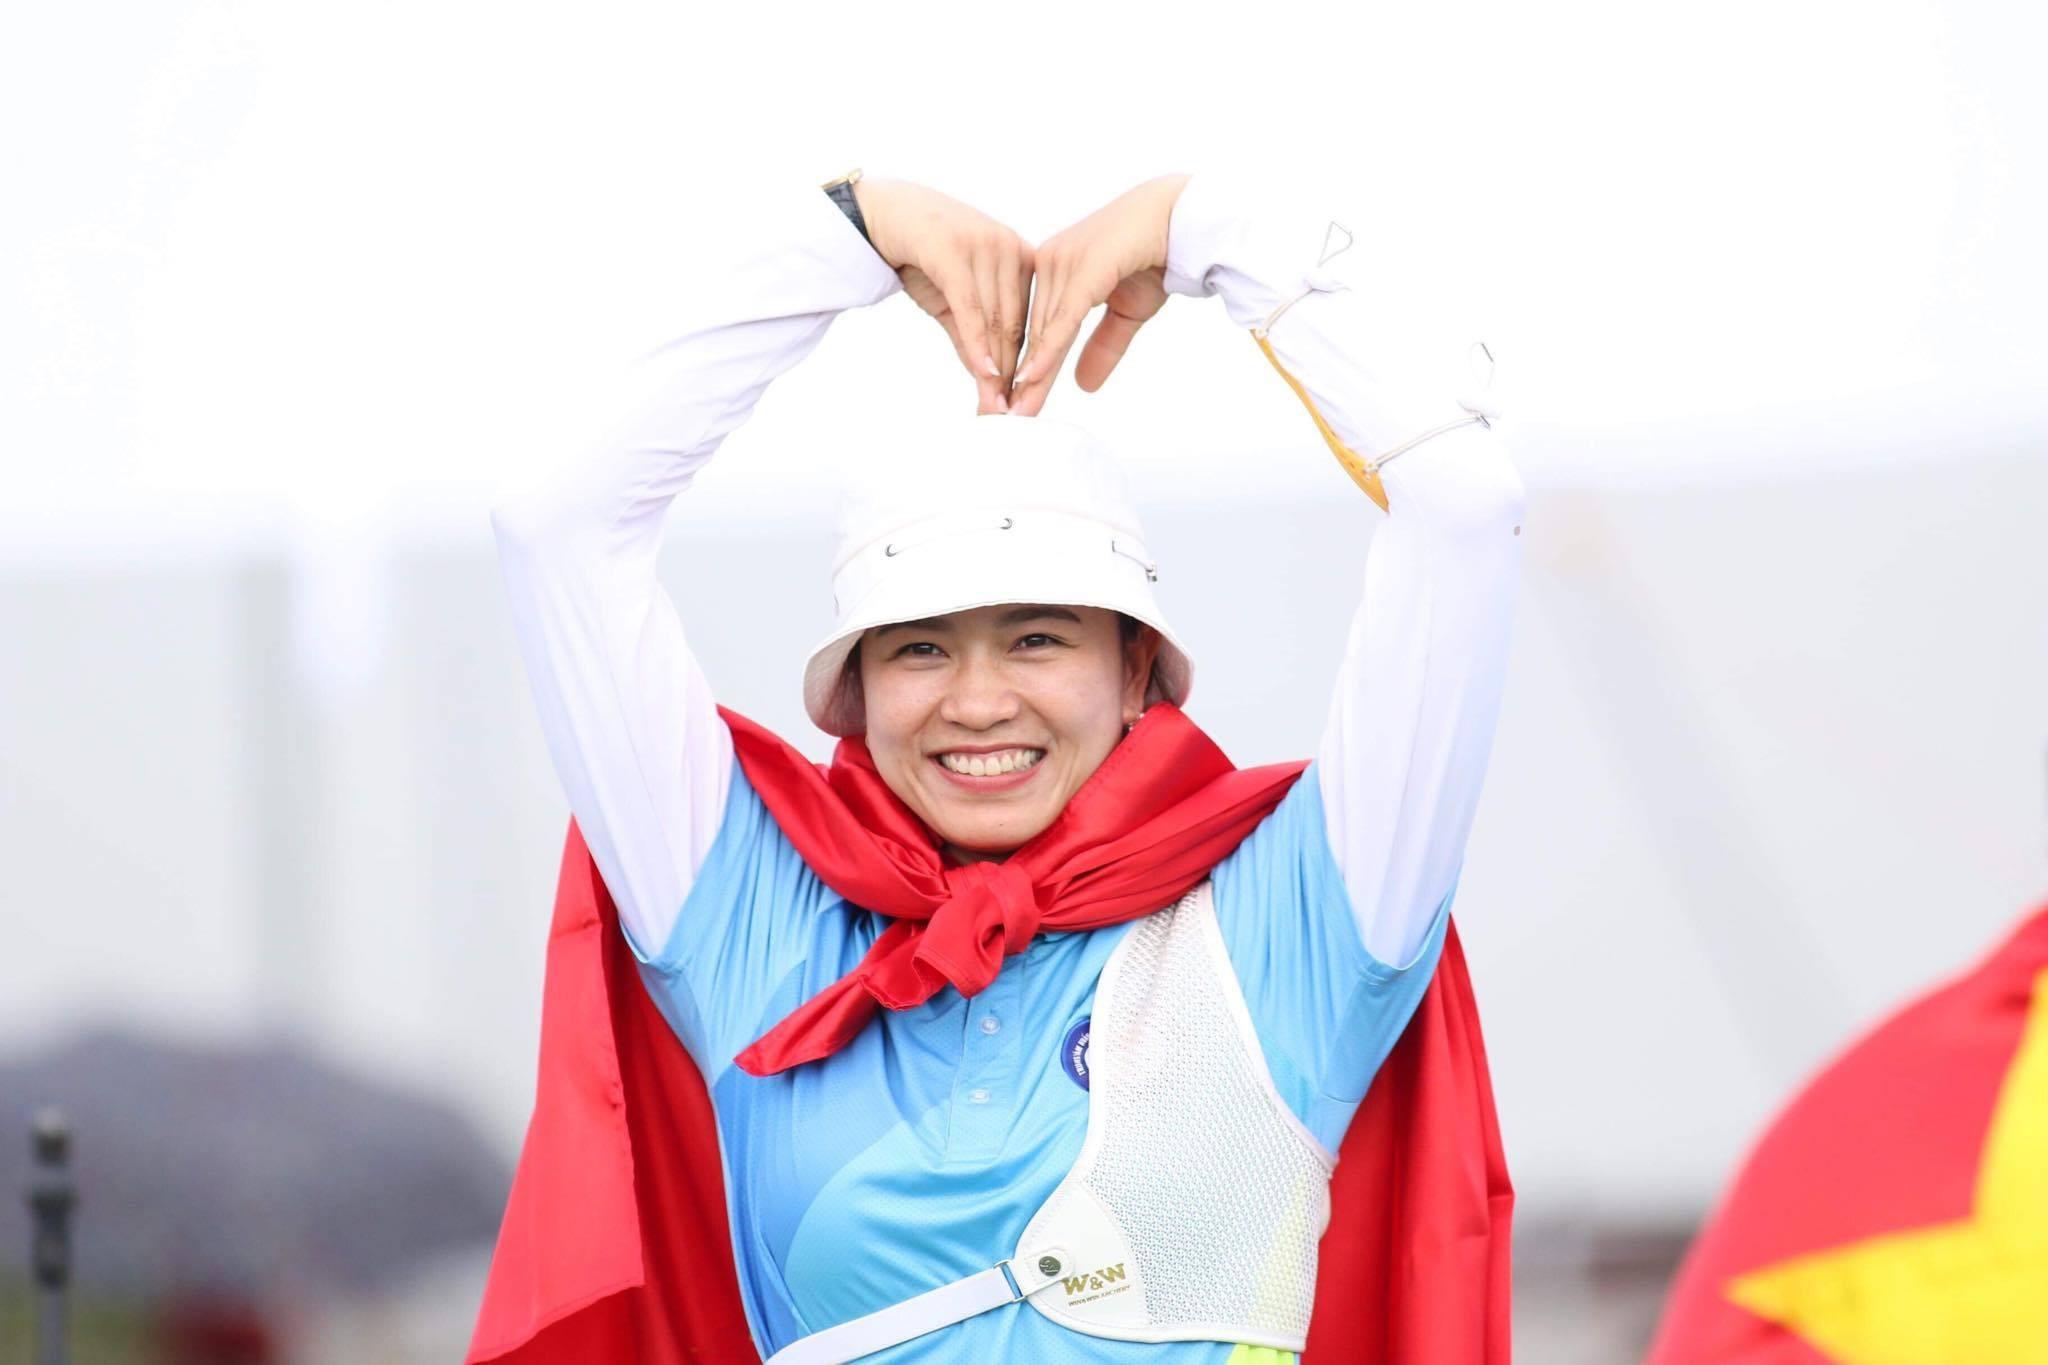 Nữ cung thủ Lộc Thị Đào chúc Tết độc giả VietNamNet